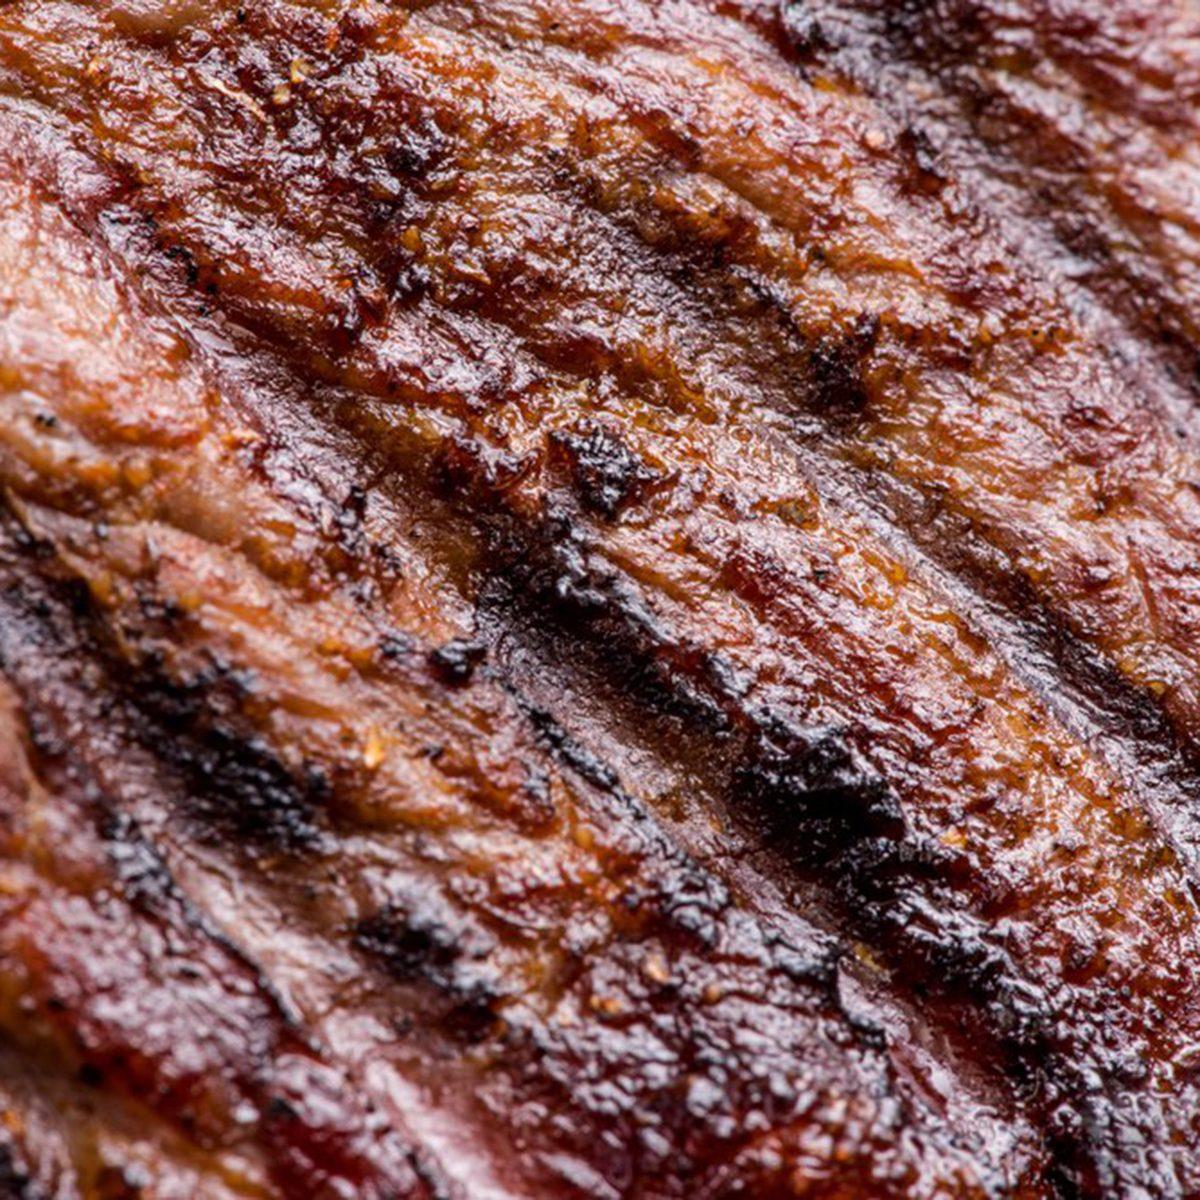 Steak texture